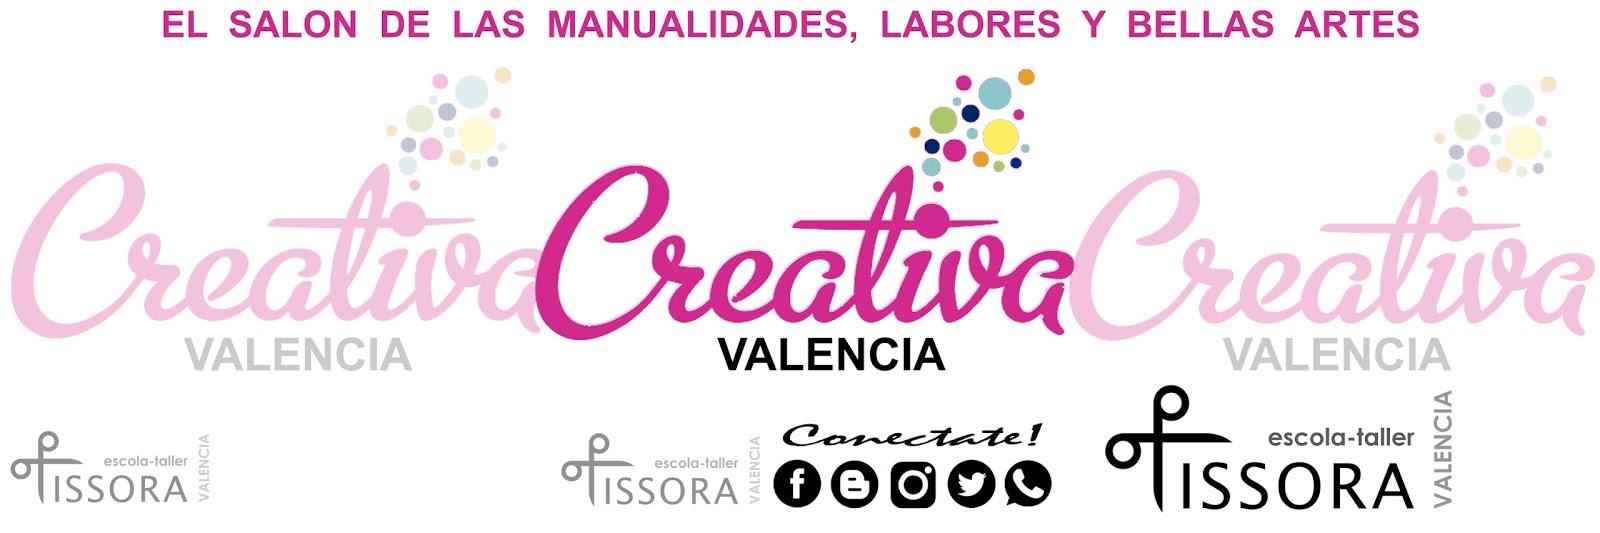 Tissora Programa Feria Creativa Valencia 2018 ~ Cursos De Manualidades En Valencia